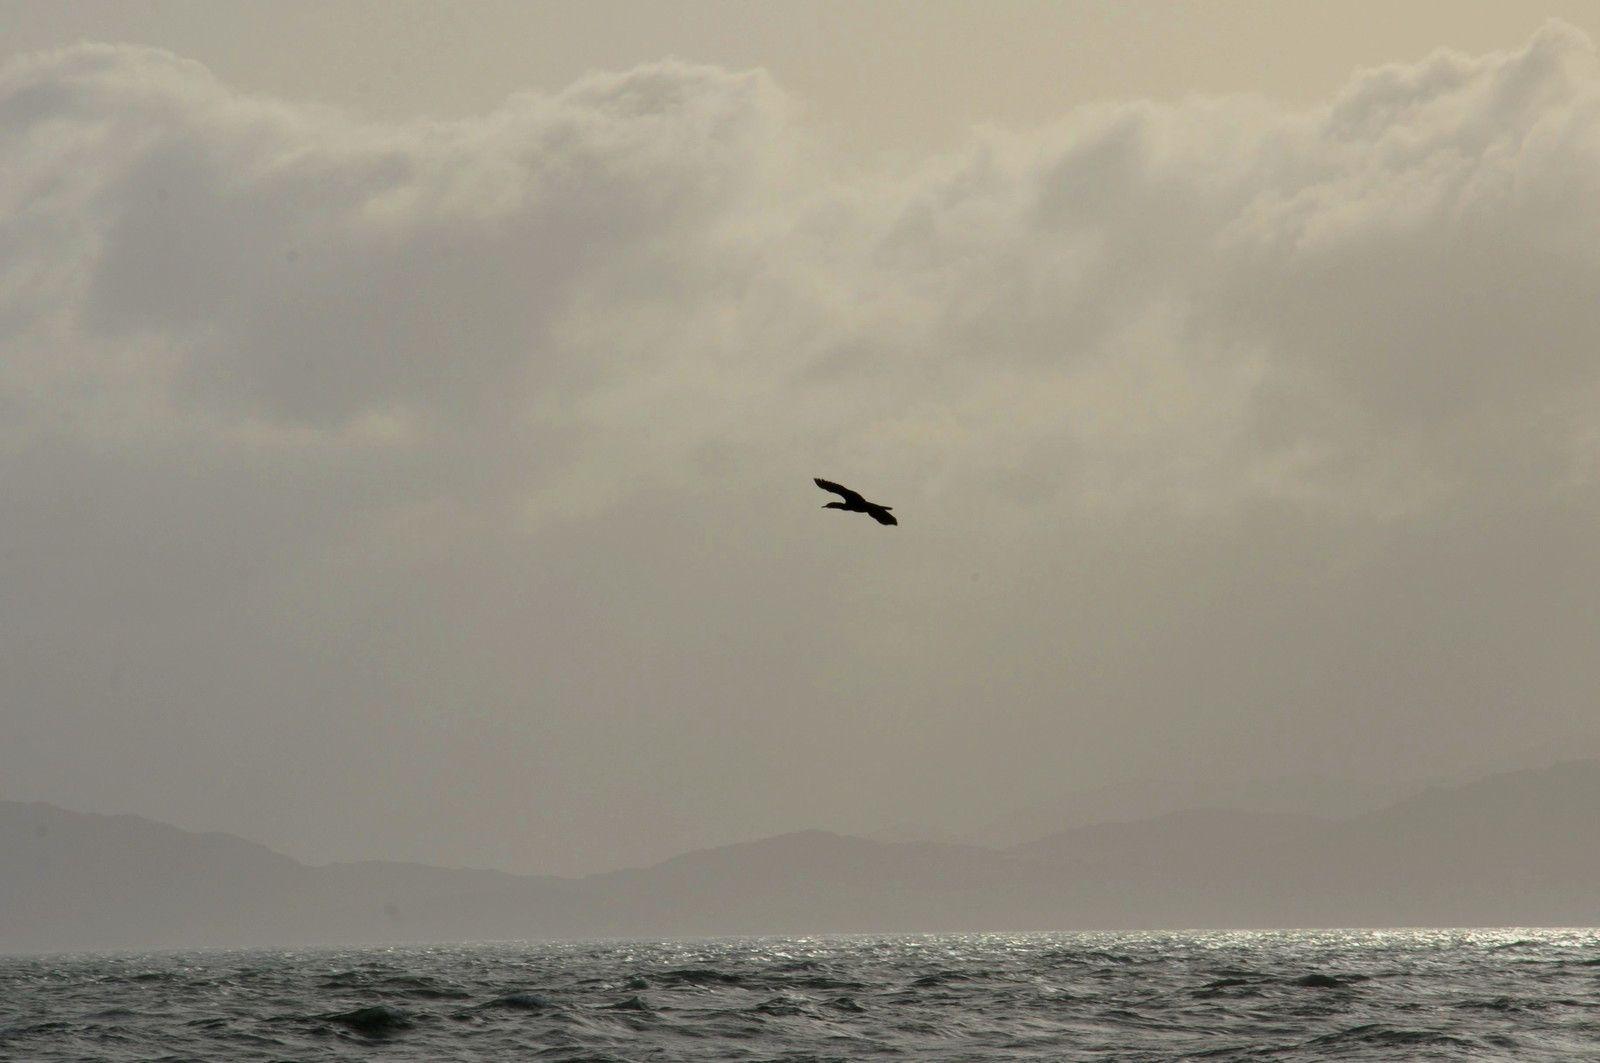 Un oiseau passe, à suivre.